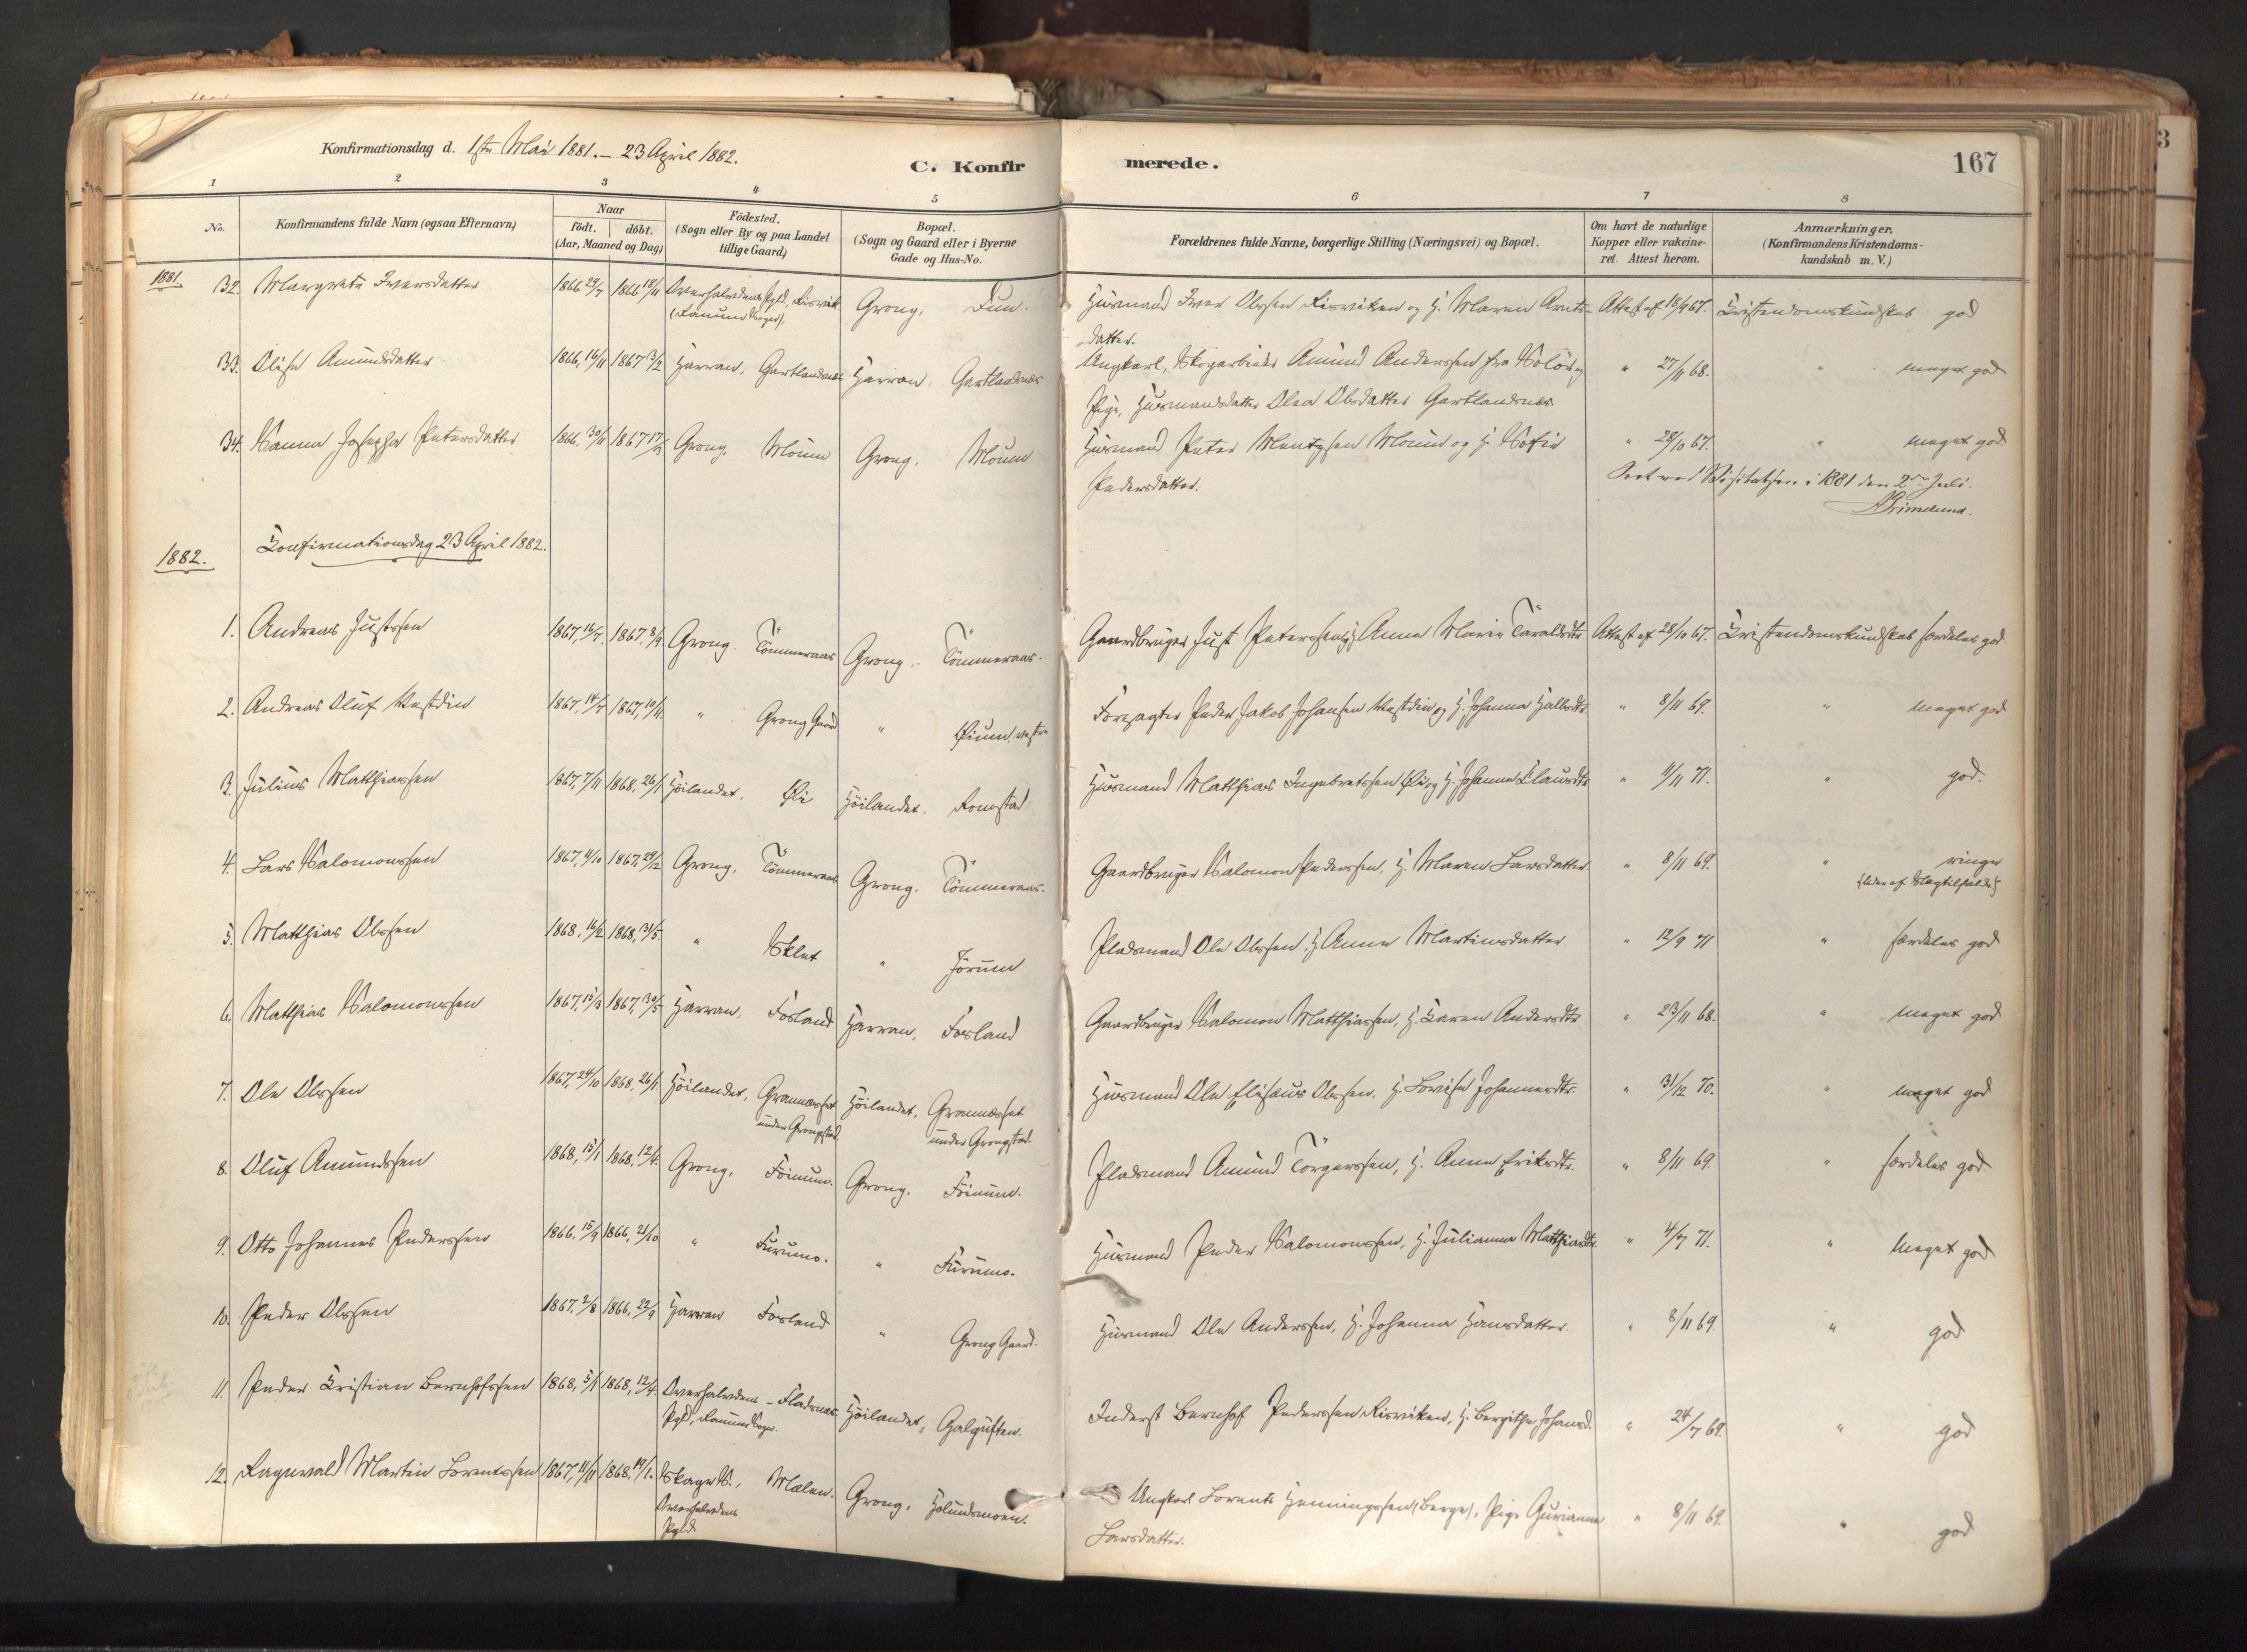 SAT, Ministerialprotokoller, klokkerbøker og fødselsregistre - Nord-Trøndelag, 758/L0519: Ministerialbok nr. 758A04, 1880-1926, s. 167